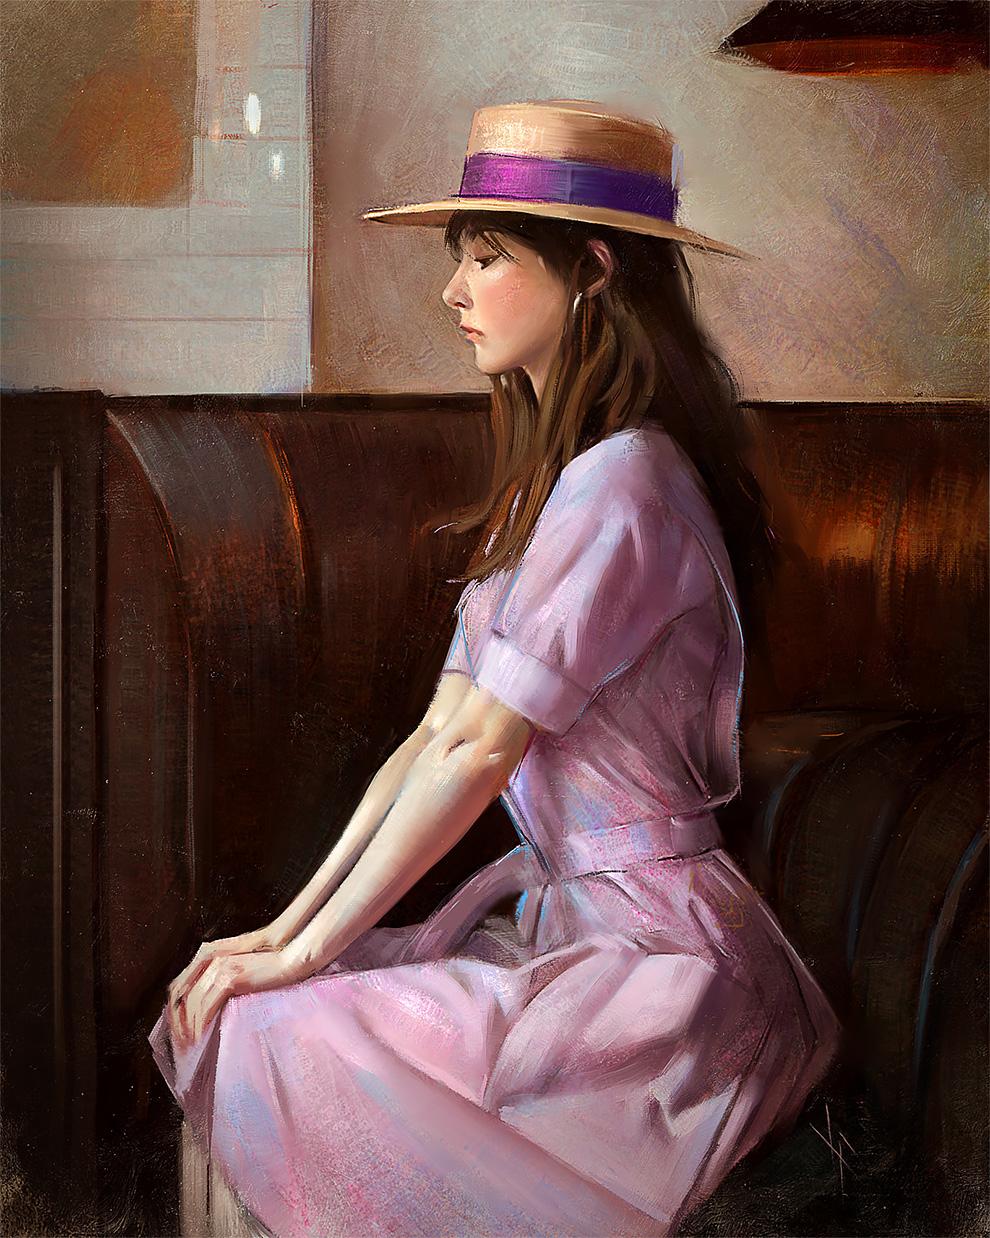 Женские портреты художника Жюстина Флорентино